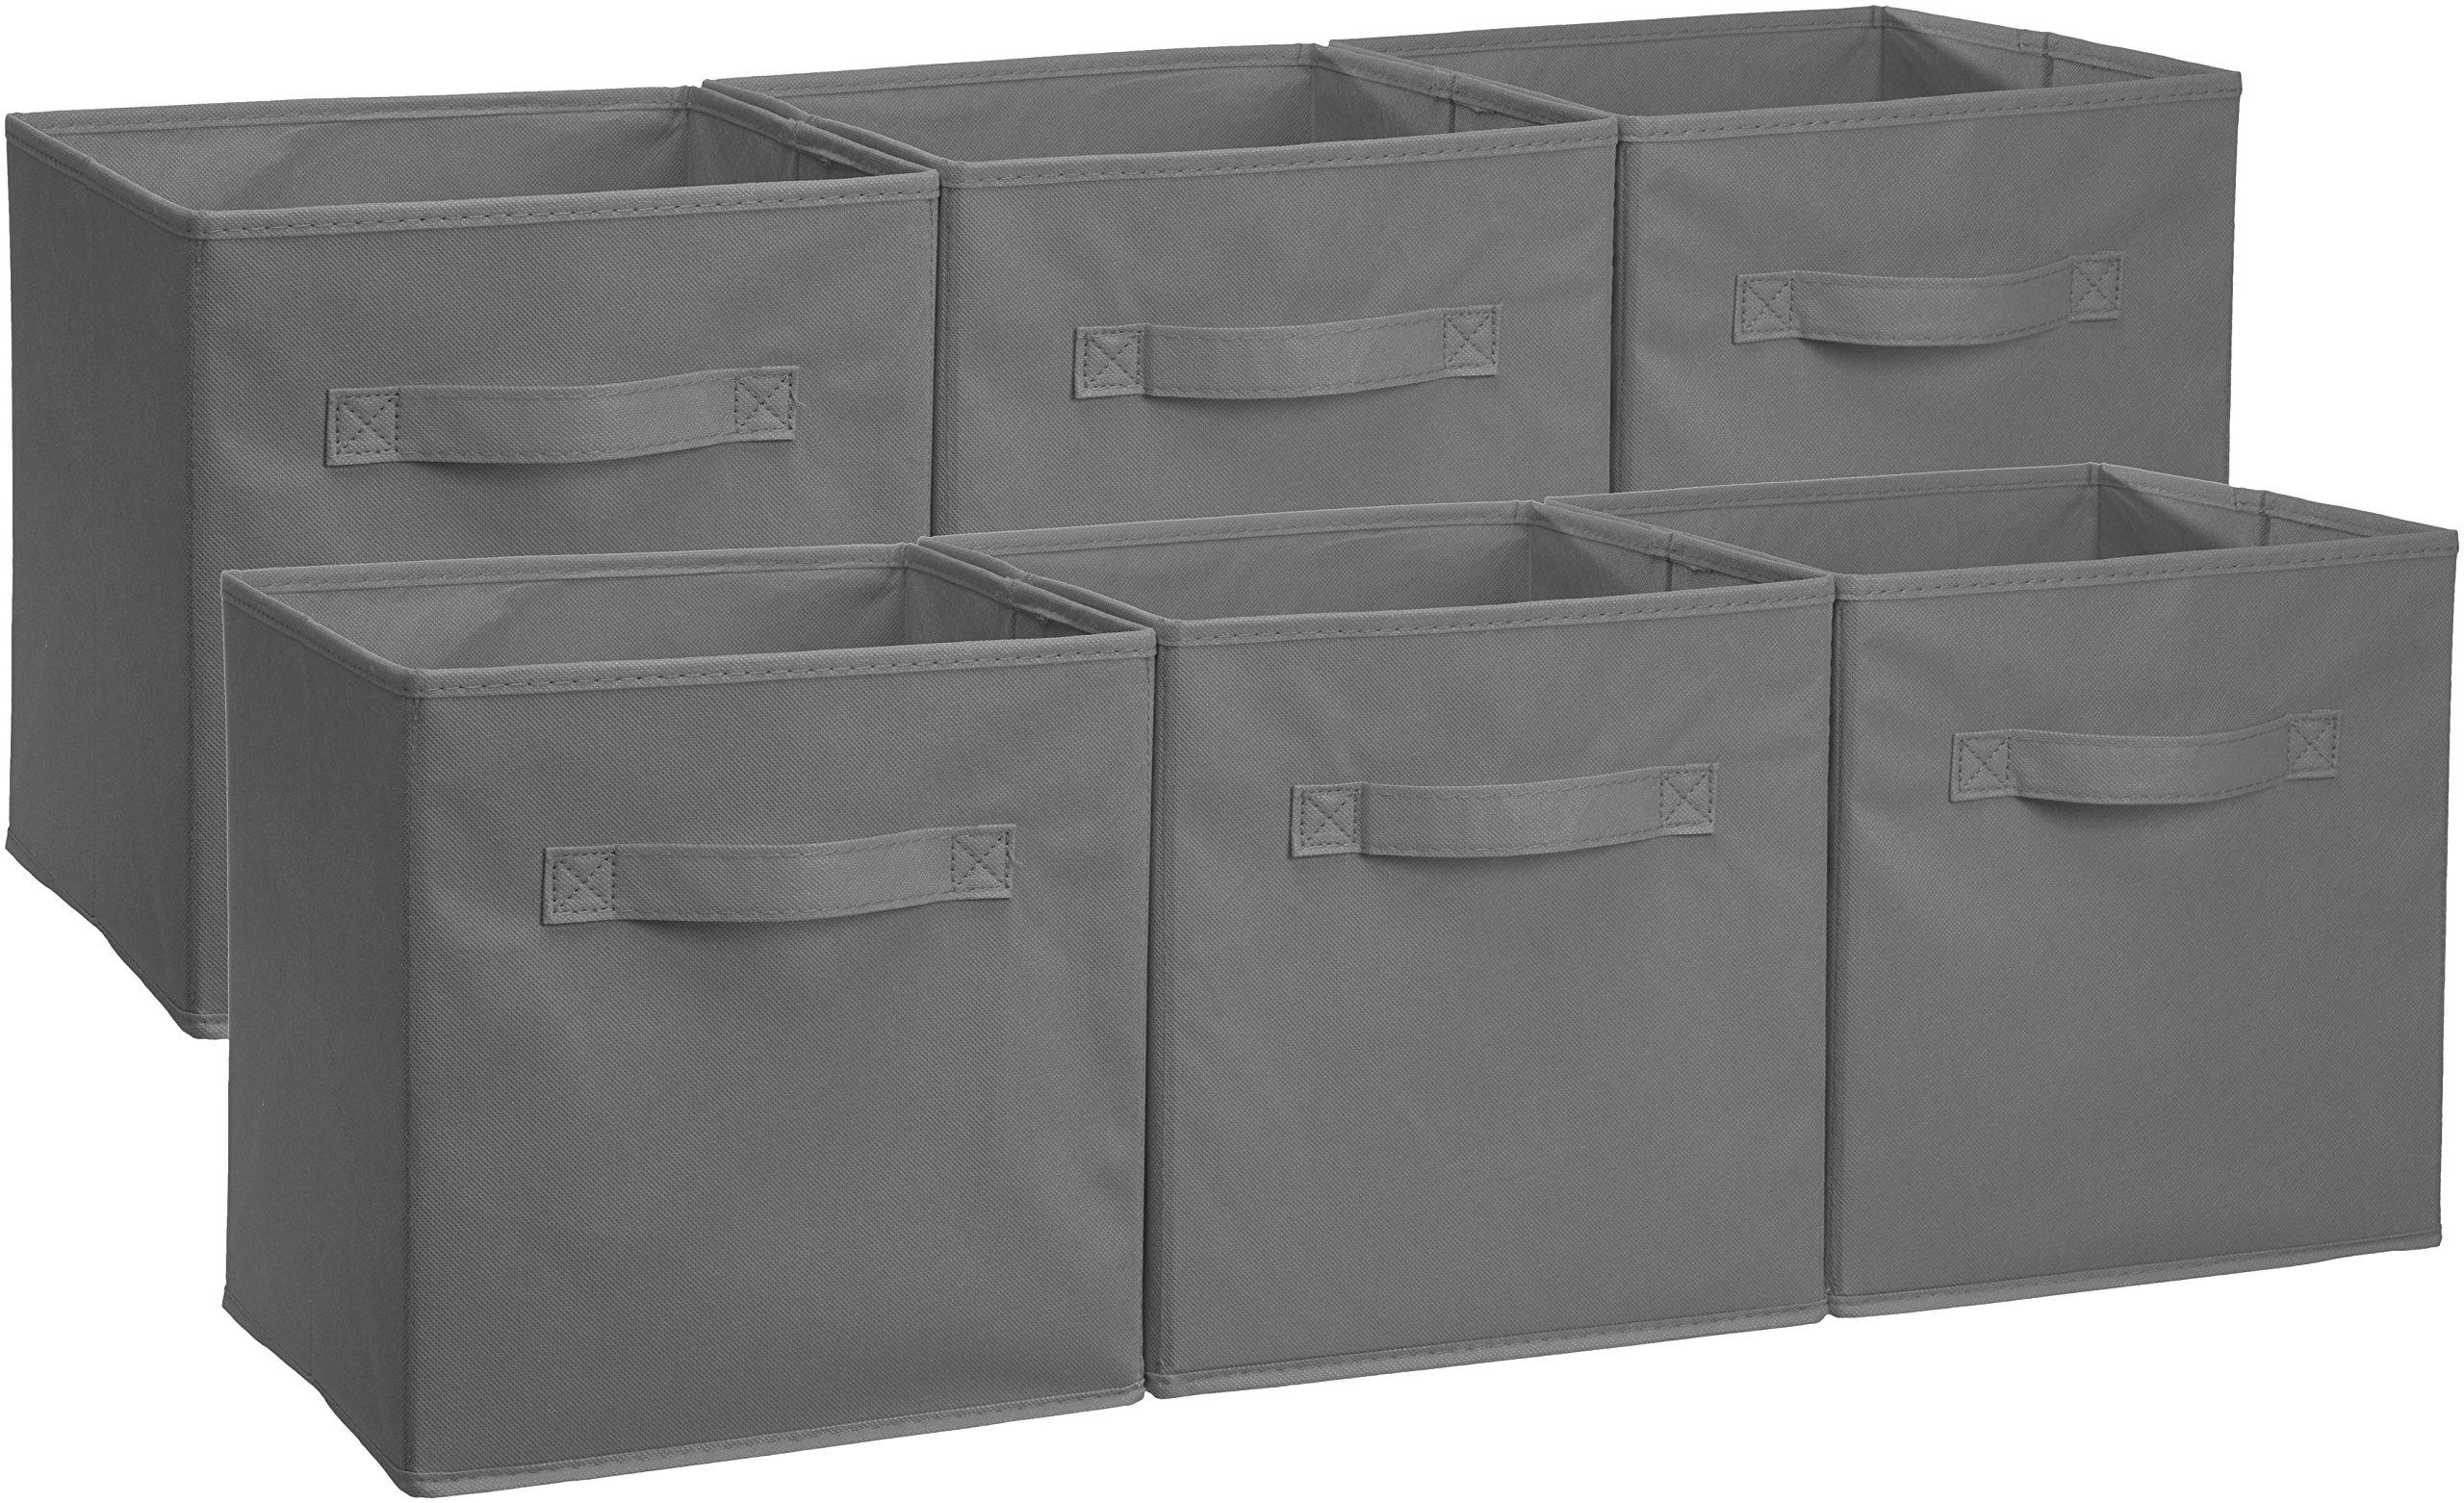 AmazonBasics Foldable Storage Cubes - 6-Pack, Grey